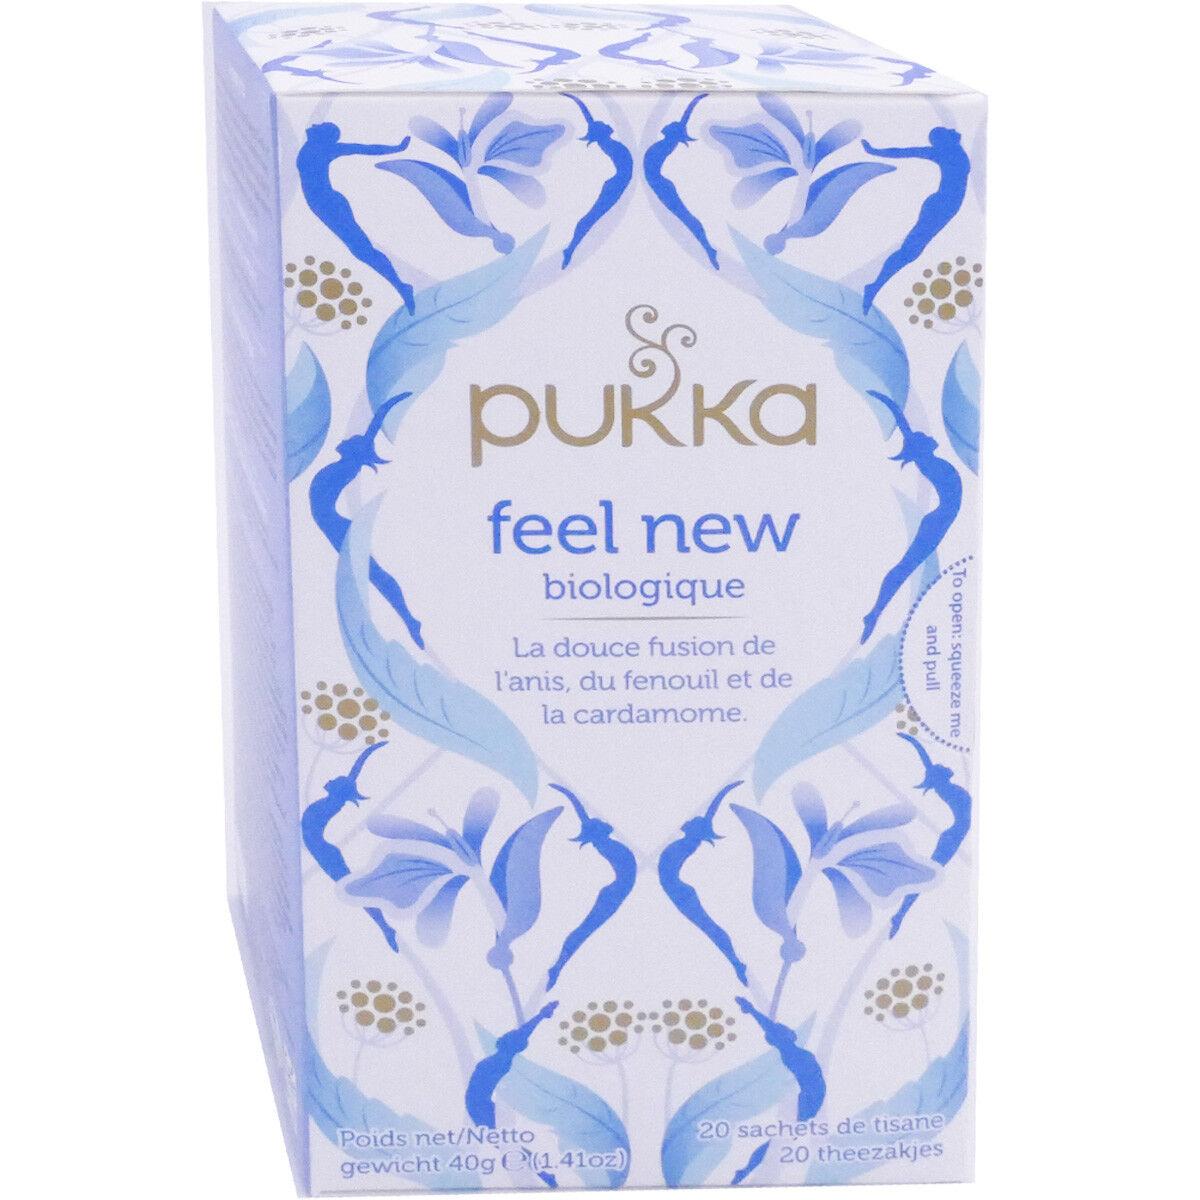 Pukka feel new tisane 20 sachets